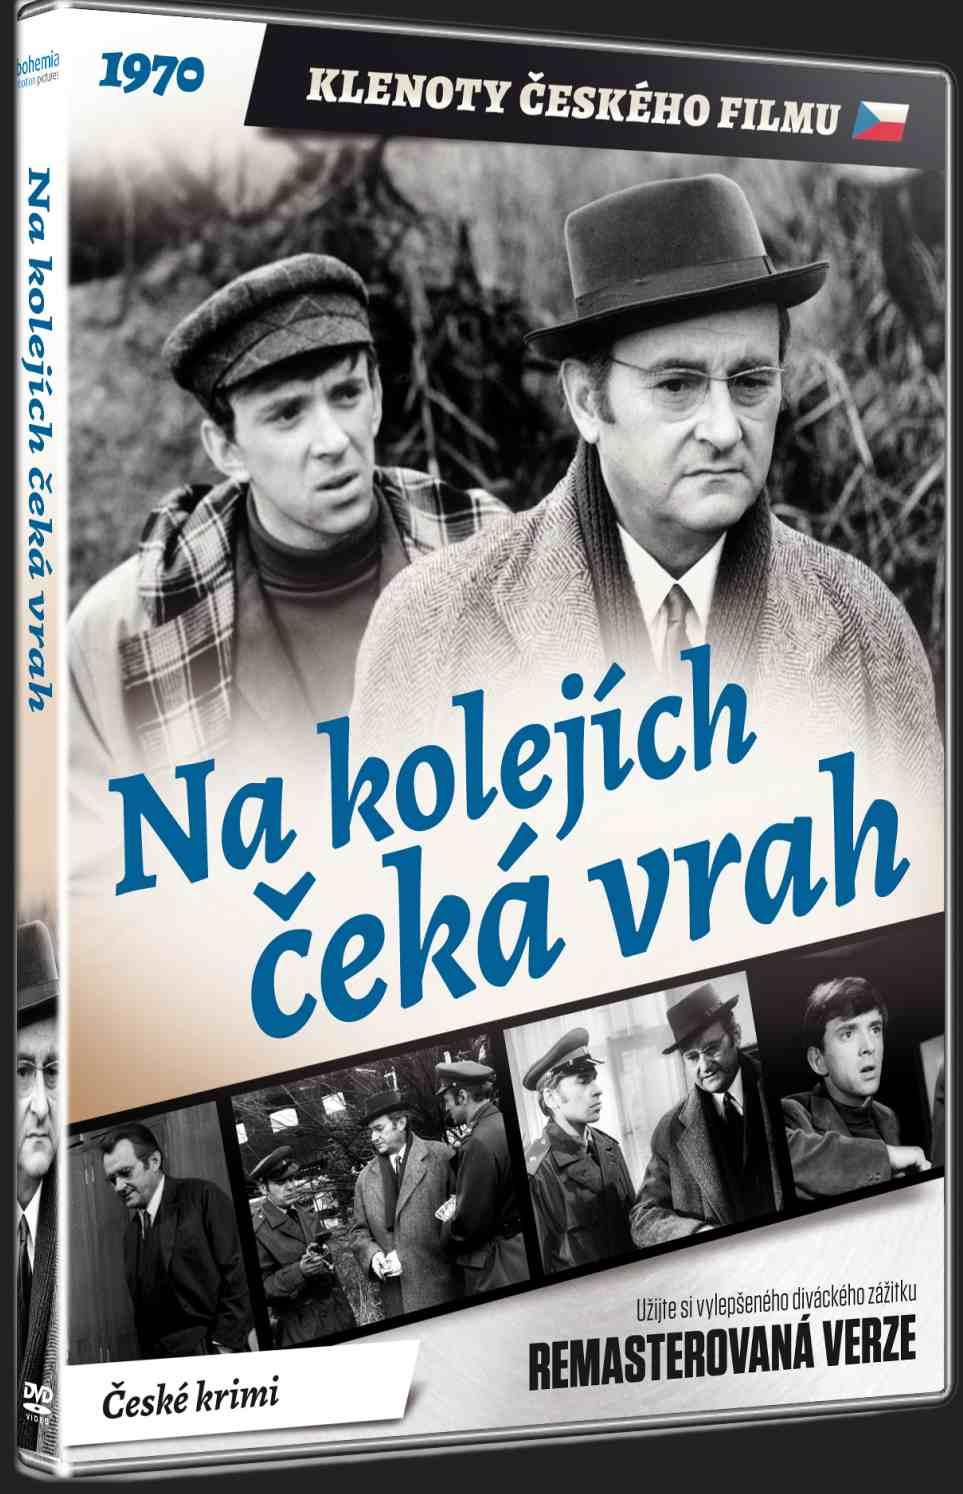 NA KOLEJÍCH ČEKÁ VRAH (Remasterovaná verze) - DVD